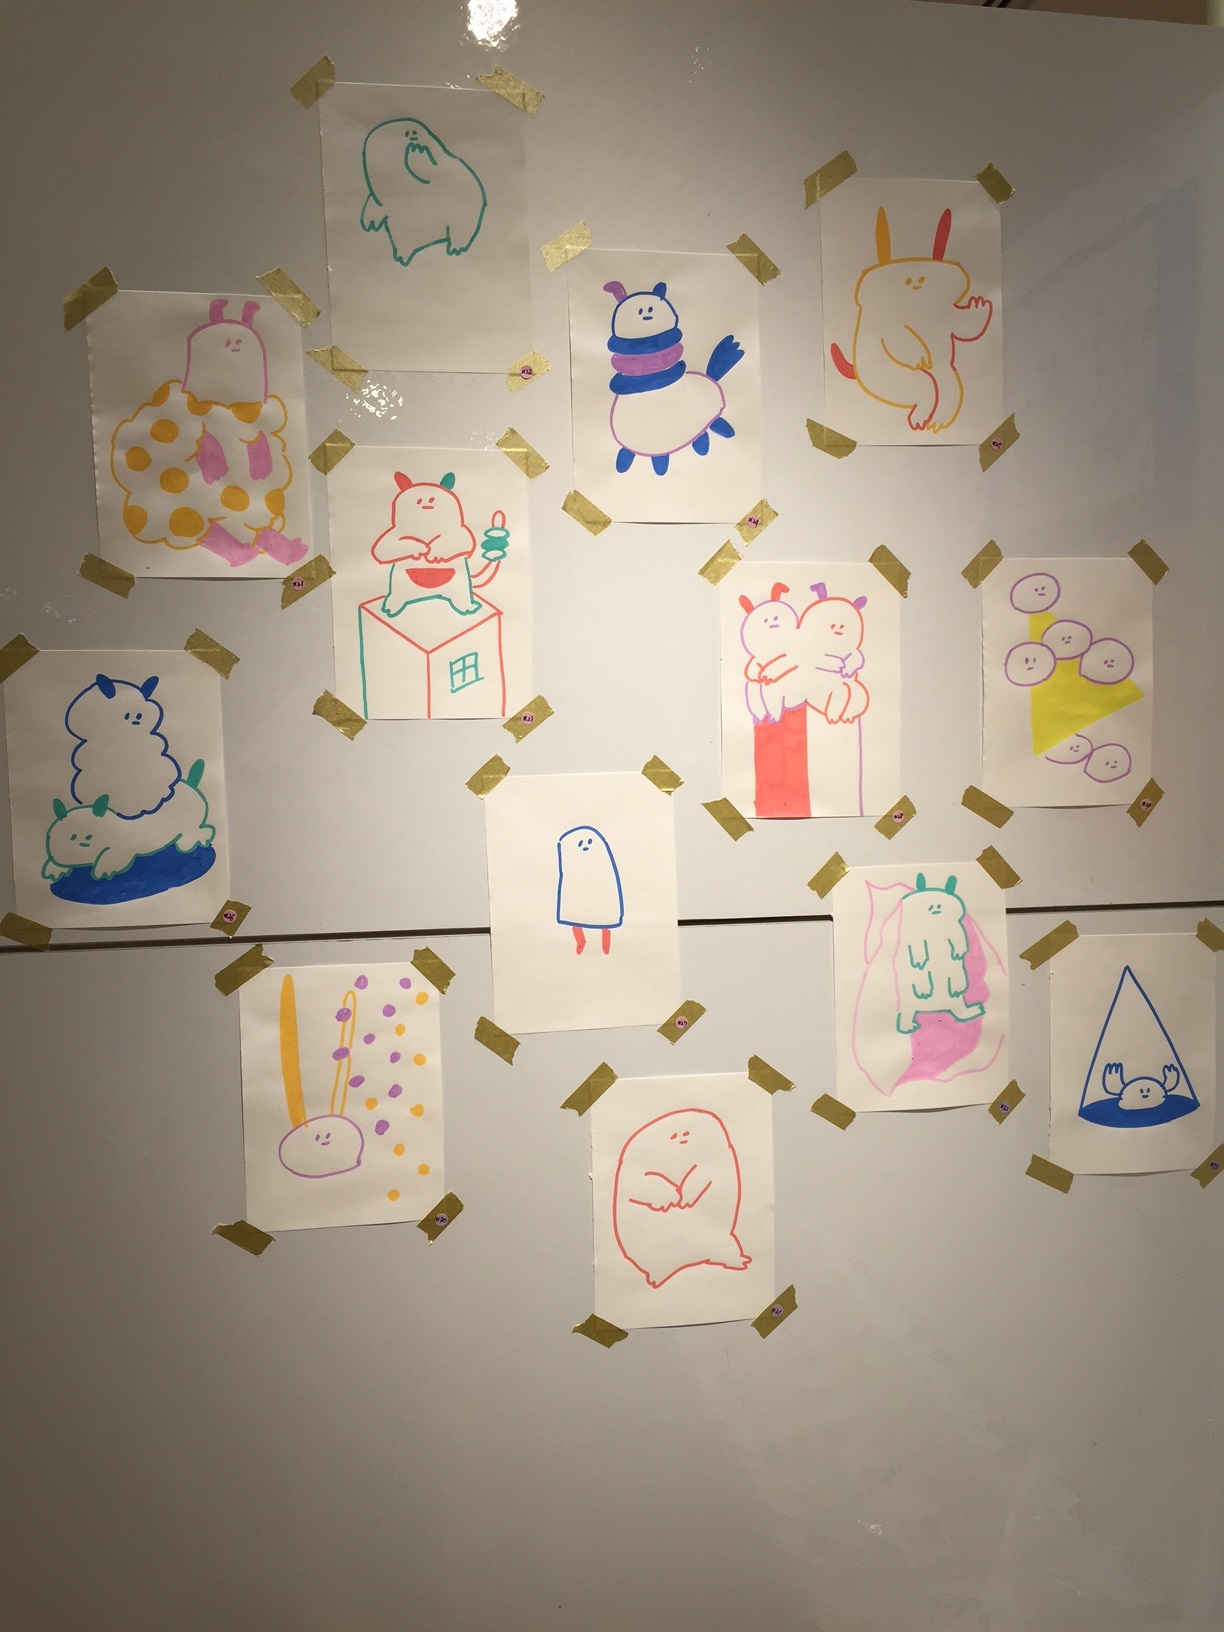 6/3~6/15 グレ個展『RAKUGAKI』展 開催のお知らせ _f0010033_1762891.jpg